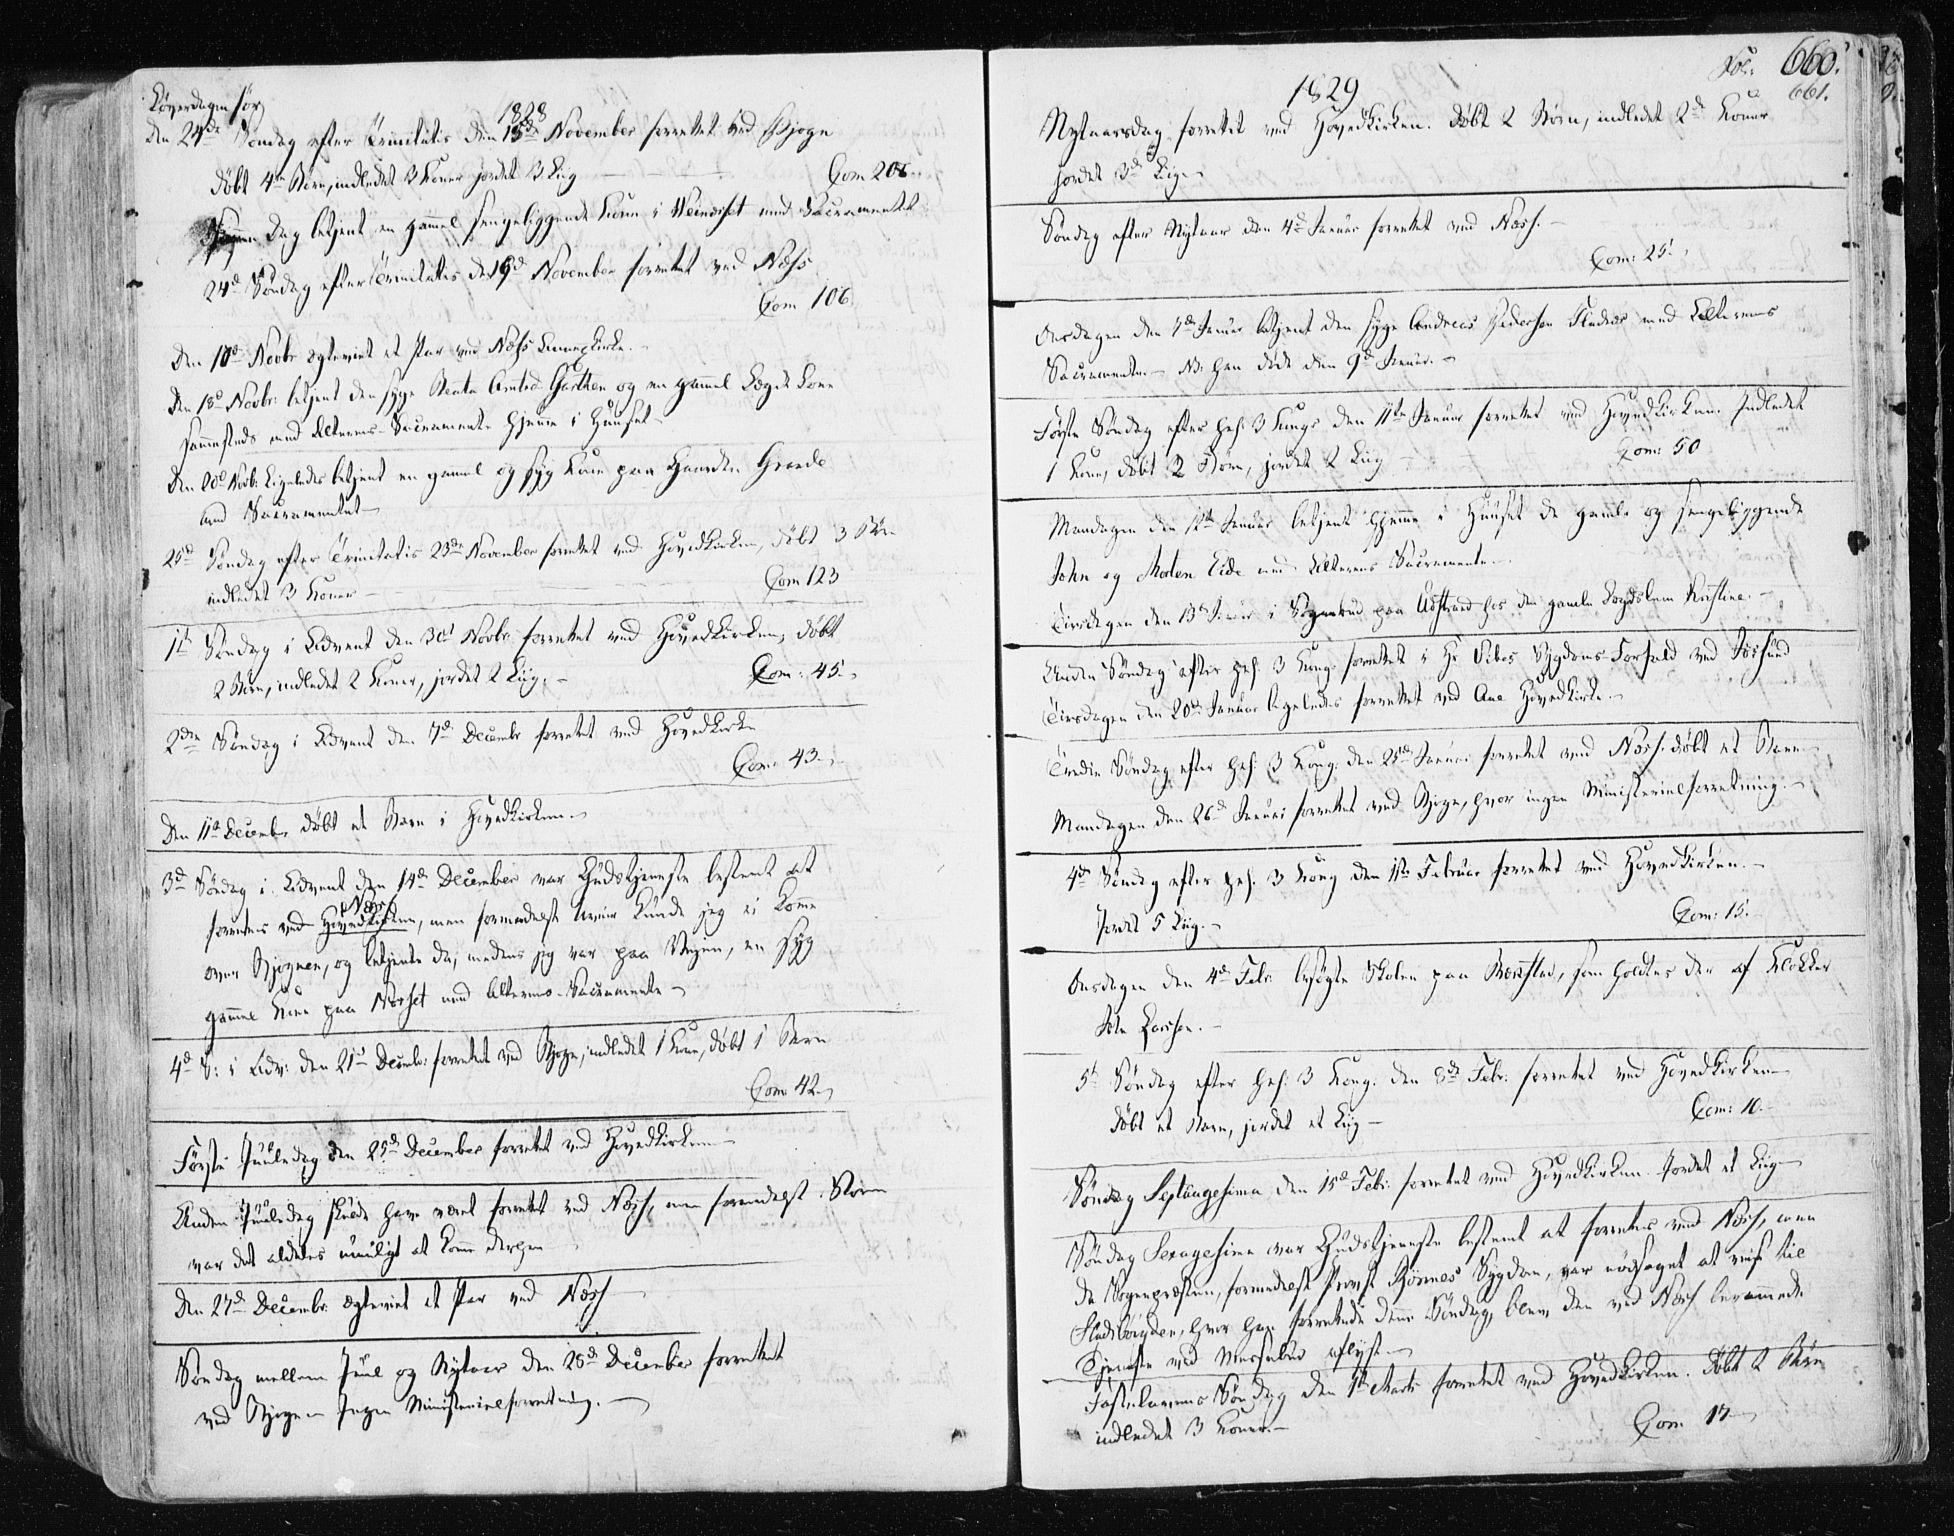 SAT, Ministerialprotokoller, klokkerbøker og fødselsregistre - Sør-Trøndelag, 659/L0735: Ministerialbok nr. 659A05, 1826-1841, s. 660